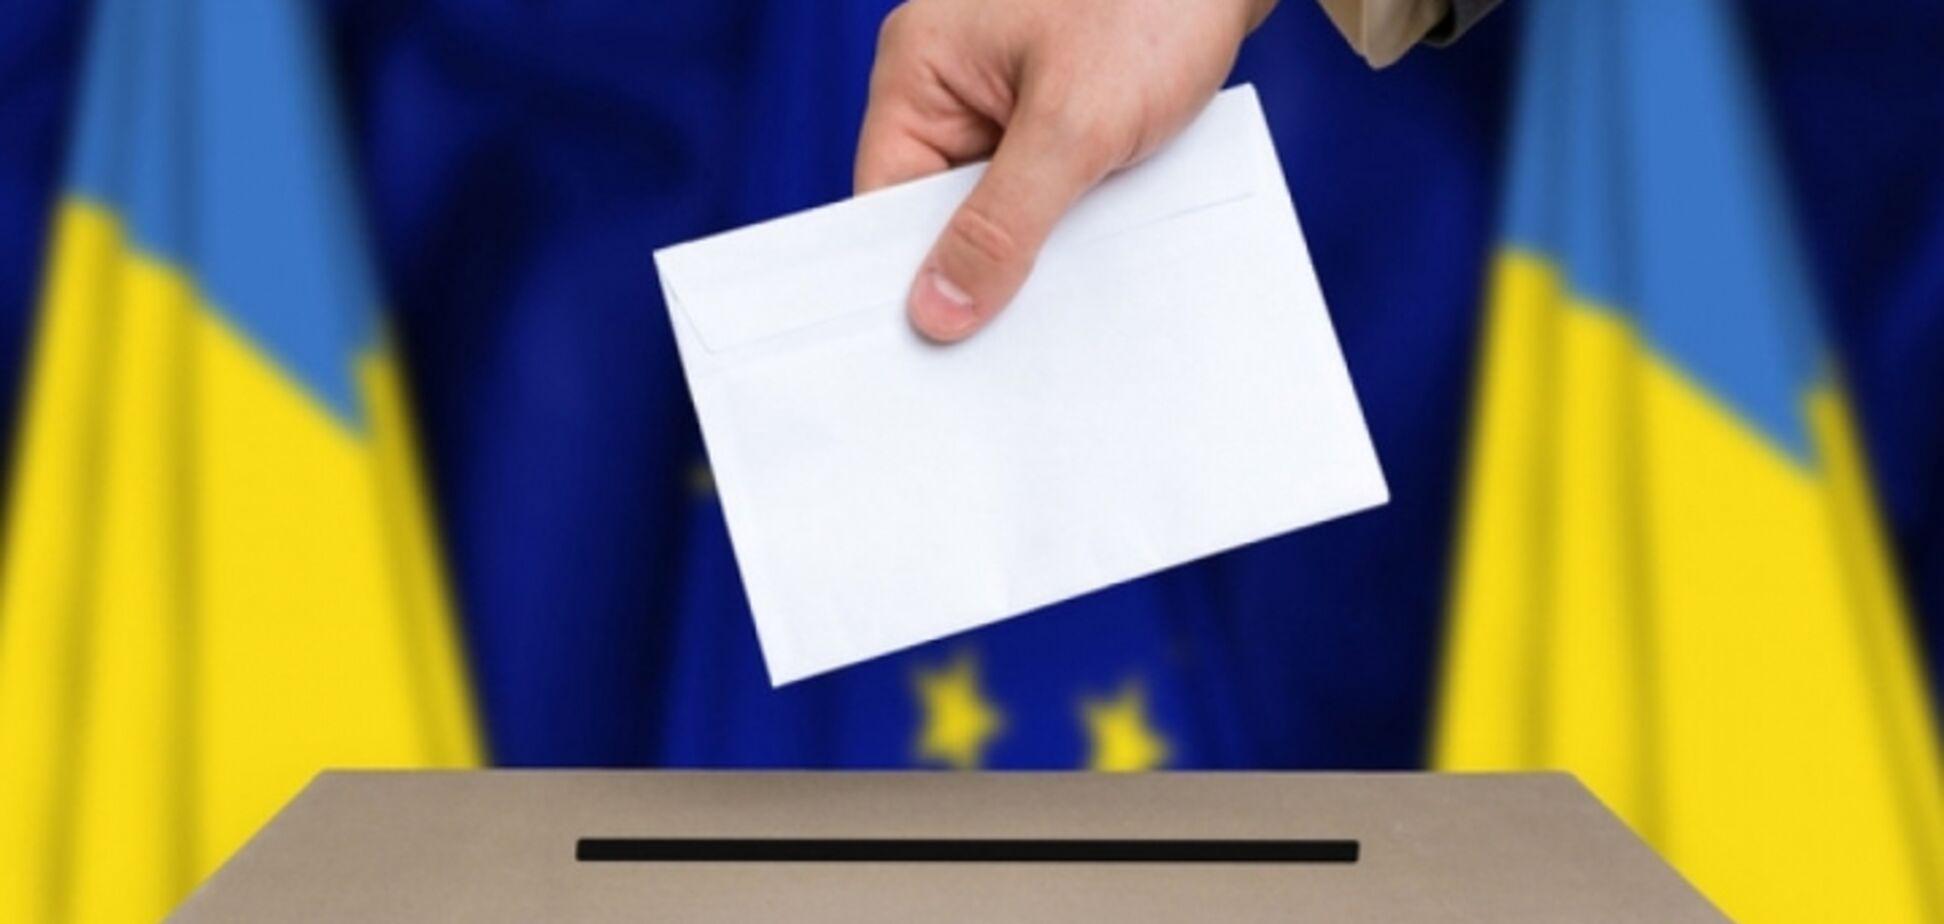 ЦИК зарегистрировала еще двух кандидатов в президенты